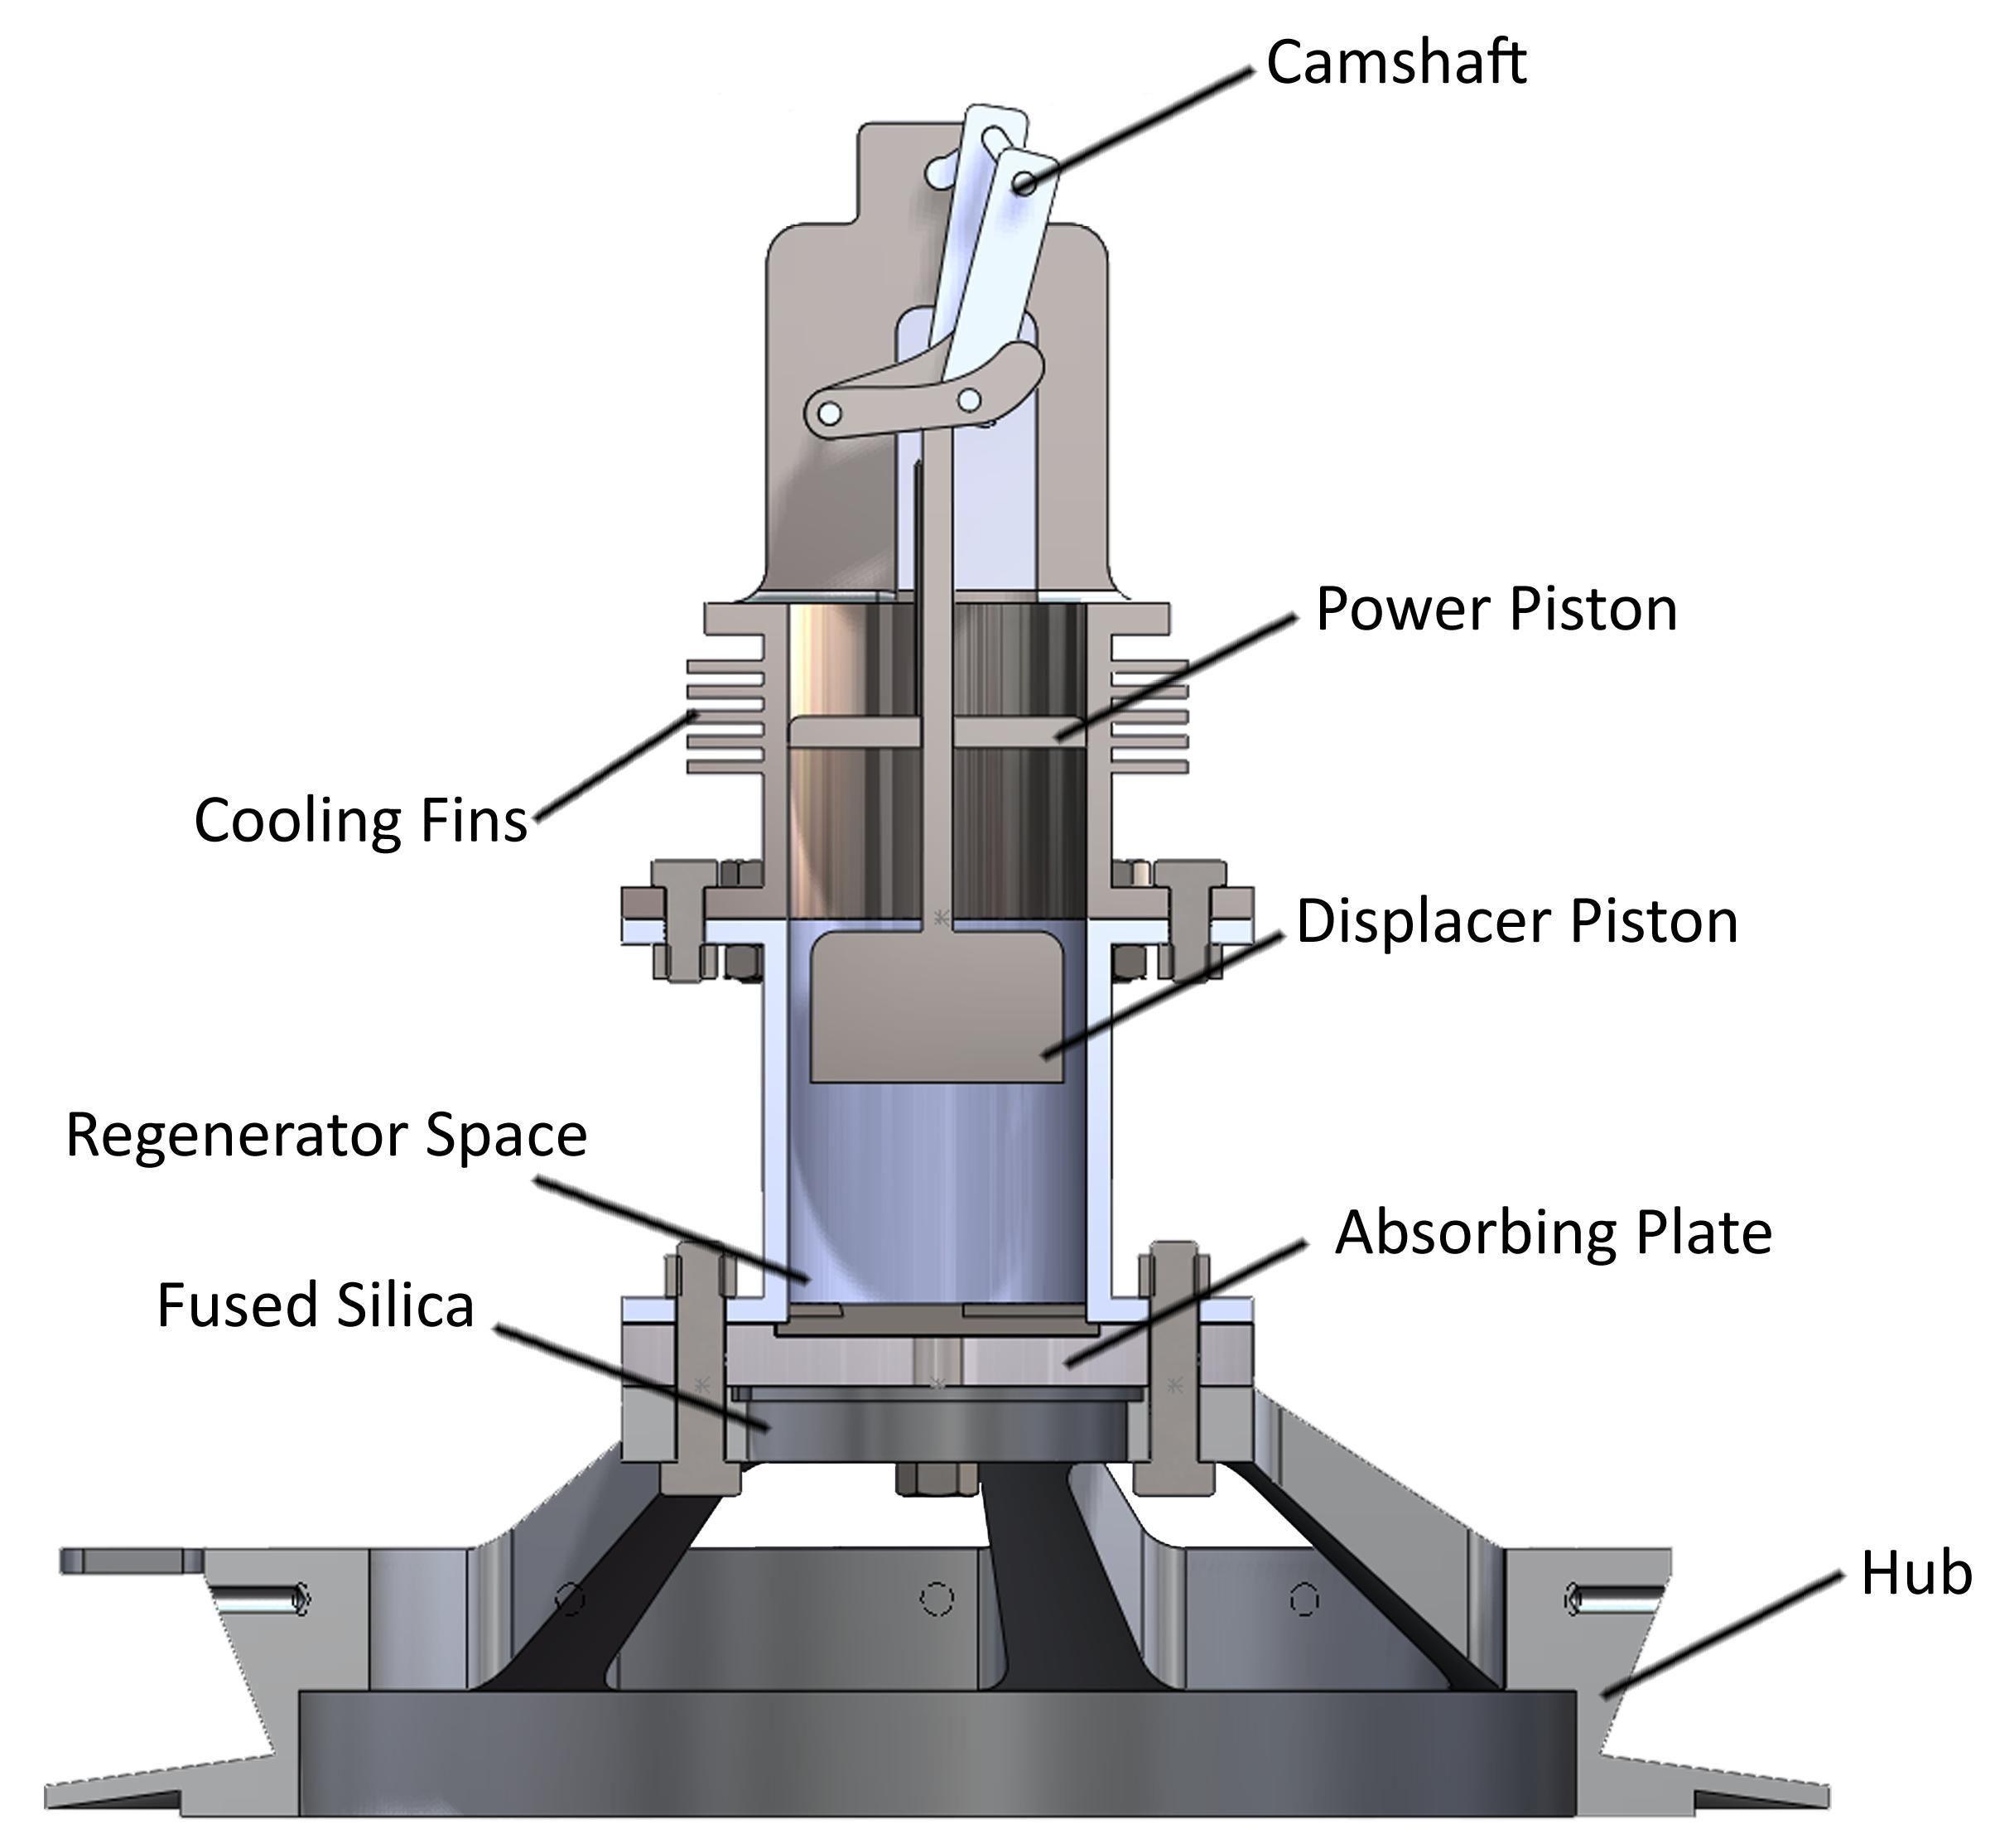 Stirling Engine Diagram solar Stirling Engine Motors Stirling Pinterest Of Stirling Engine Diagram